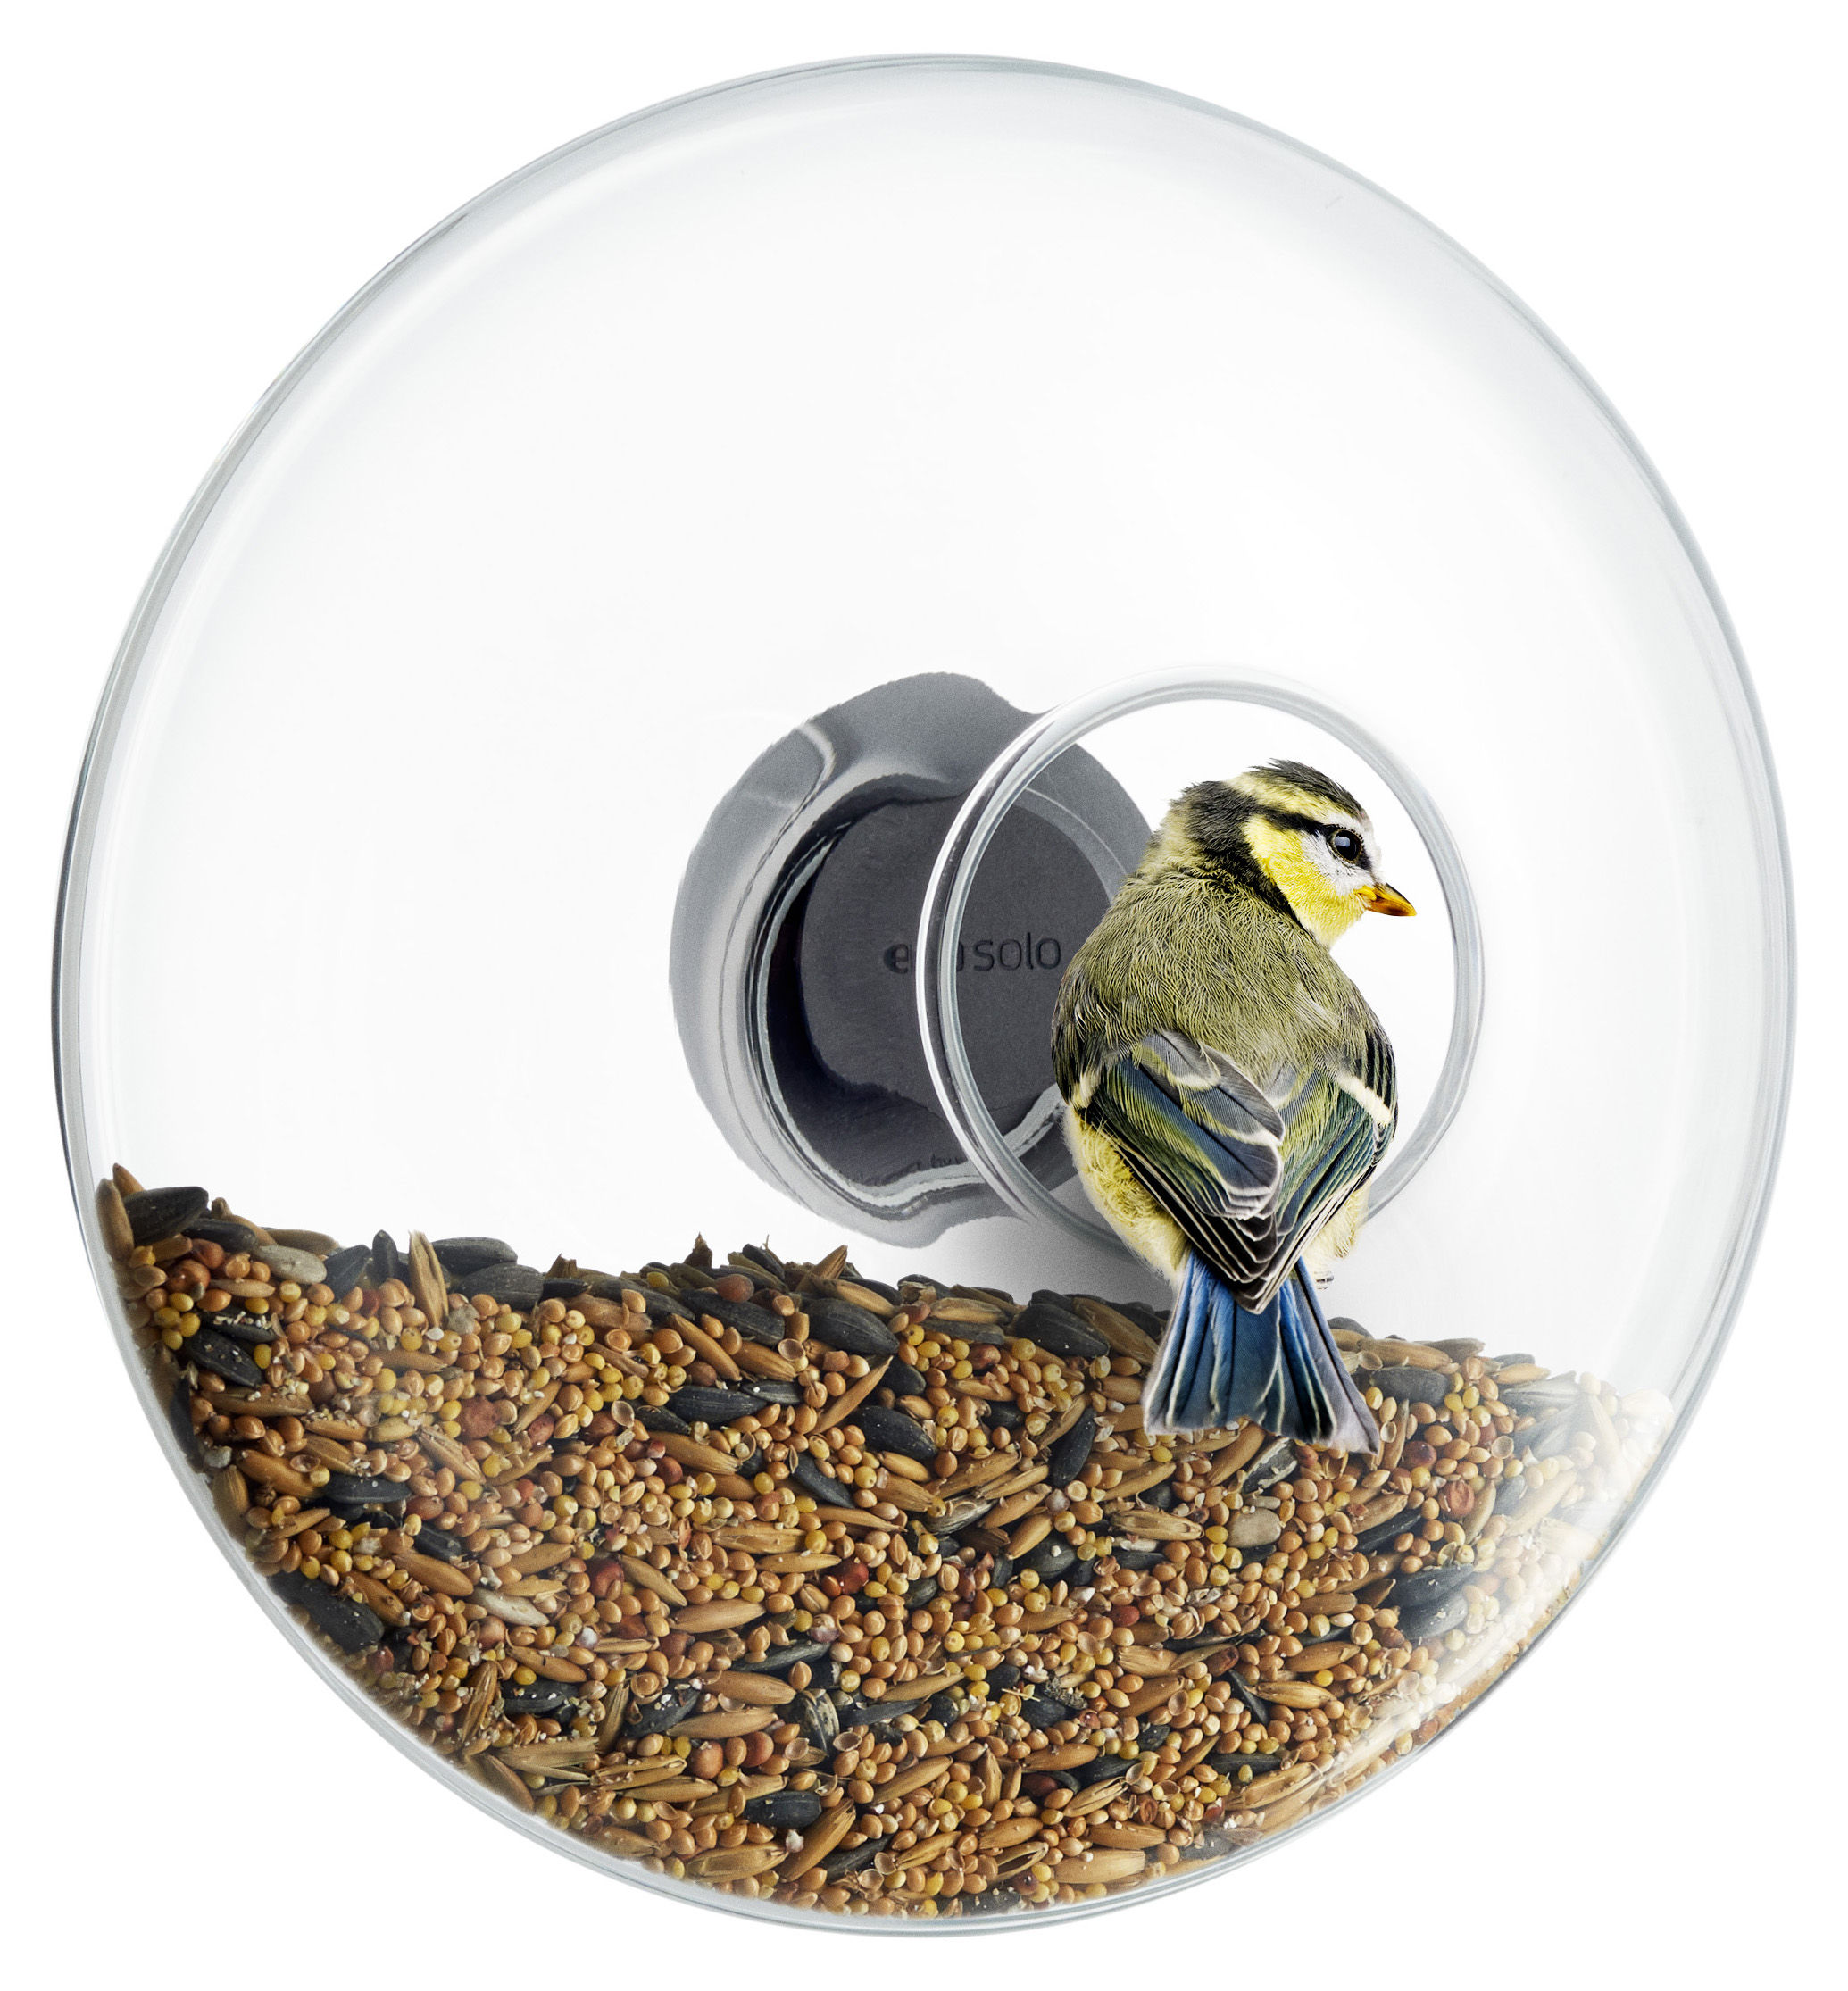 Outdoor - Déco et accessoires - Mangeoire à oiseaux Large / Pour fenêtre - Ø 20 cm - Eva Solo - Ø 20 cm / Transparent - Acier inoxydable, Gomme, Verre